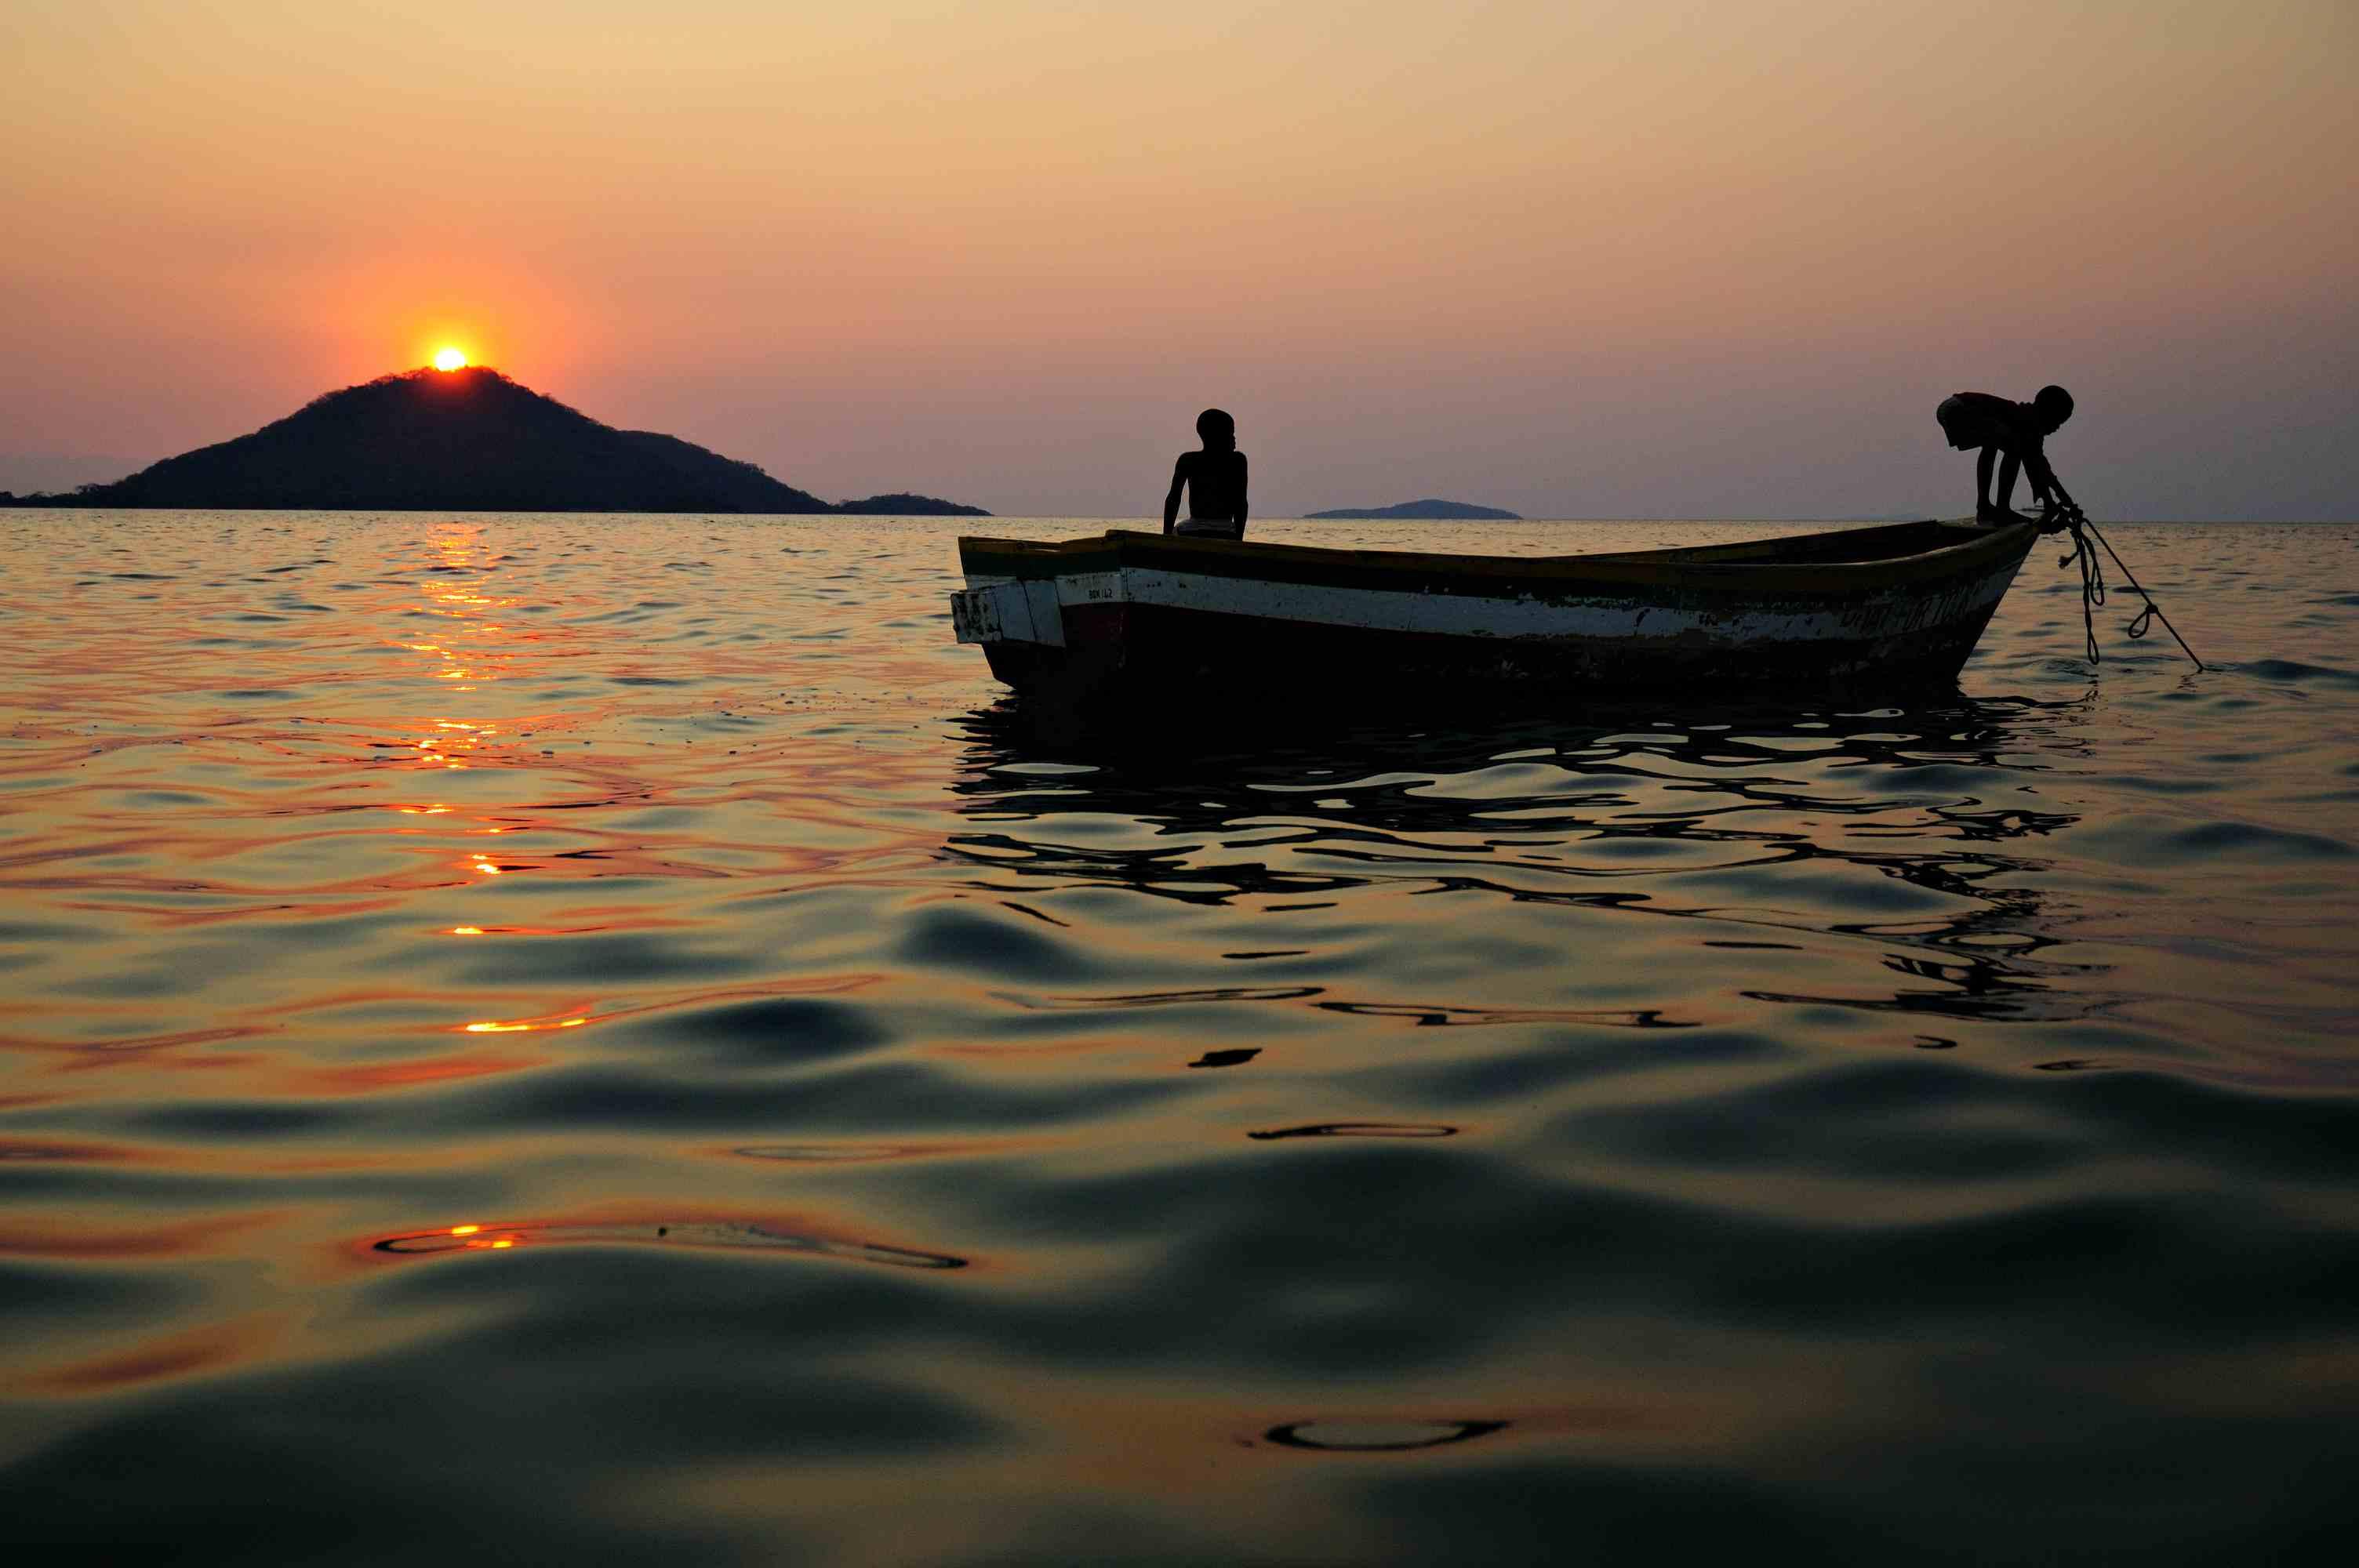 Cape Maclear of Lake Malawi